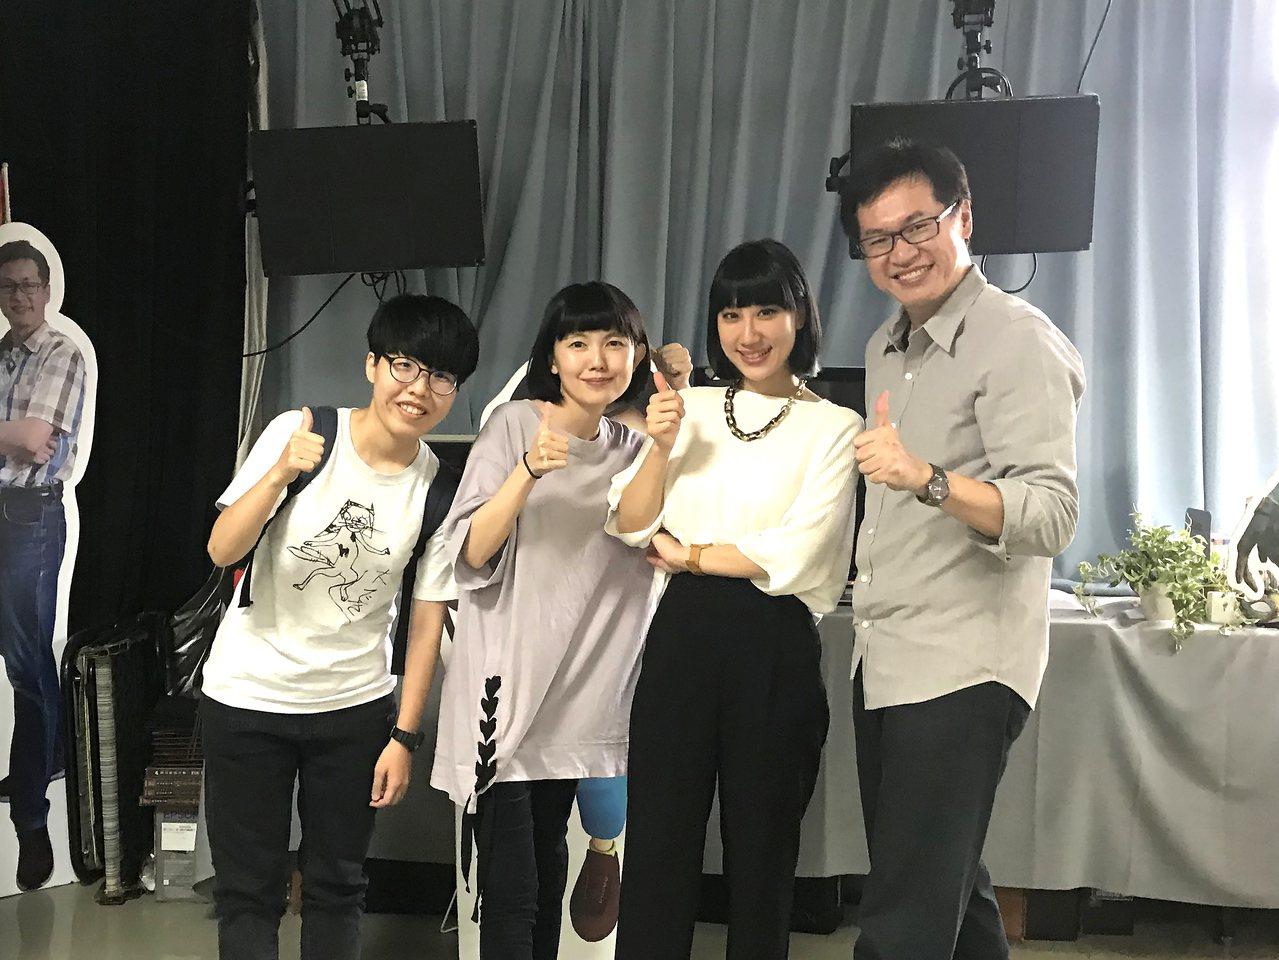 石艾玄(右2)回母校演講,與大學指導老師鄧偉炘(右1)、學弟妹合照。圖/崑大提供